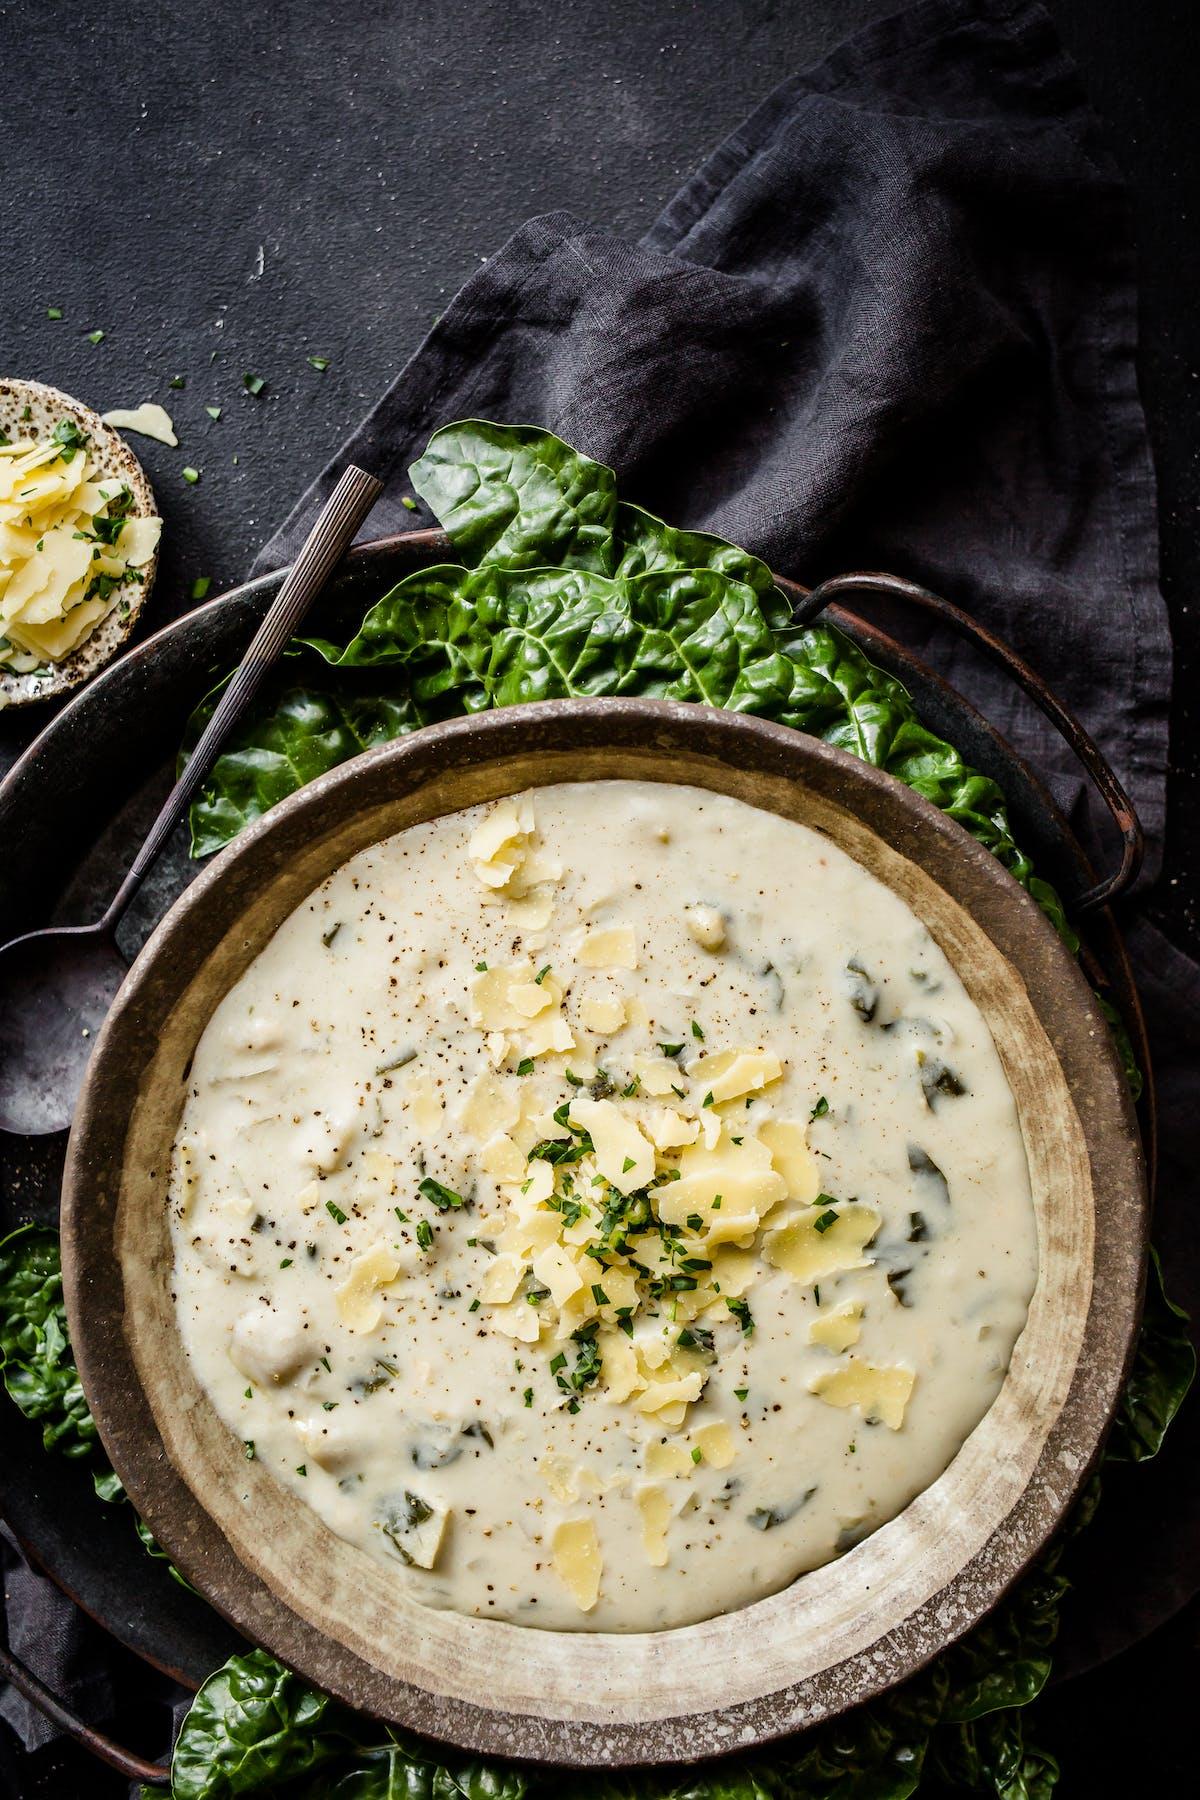 Sopa baja en carbos de espinaca y alcachofa